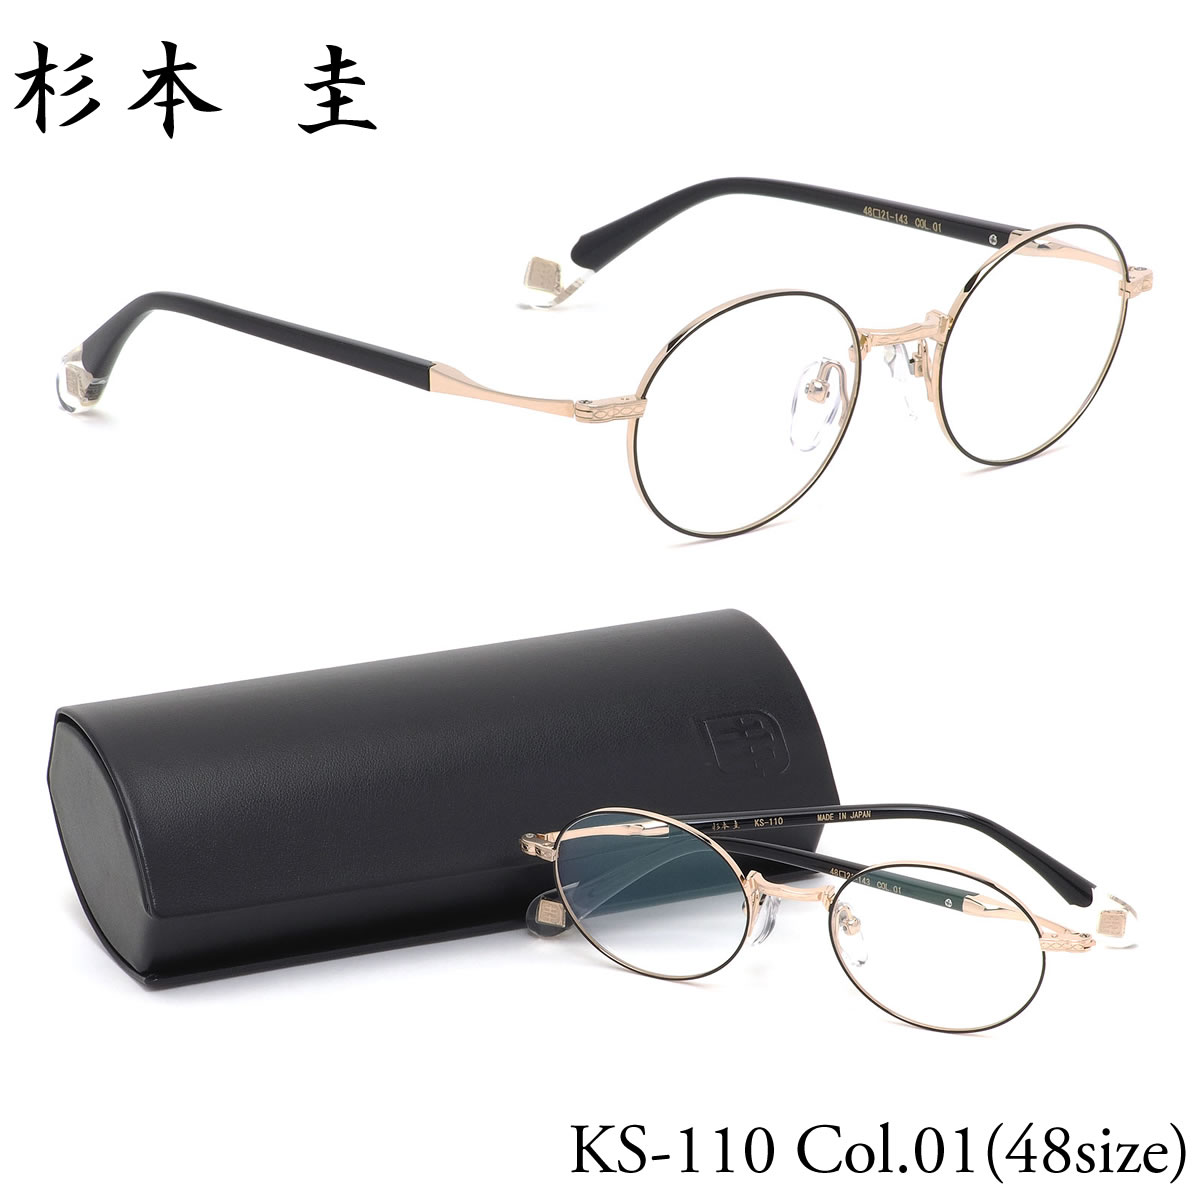 ほぼ全品ポイント15倍~最大43倍+3倍!お得なクーポンも! 杉本圭 スギモトケイ メガネKS-110 01 48サイズSUGIMOTO KEI 丸メガネ ラウンド 日本製 MADE IN JAPAN 職人技メンズ レディース